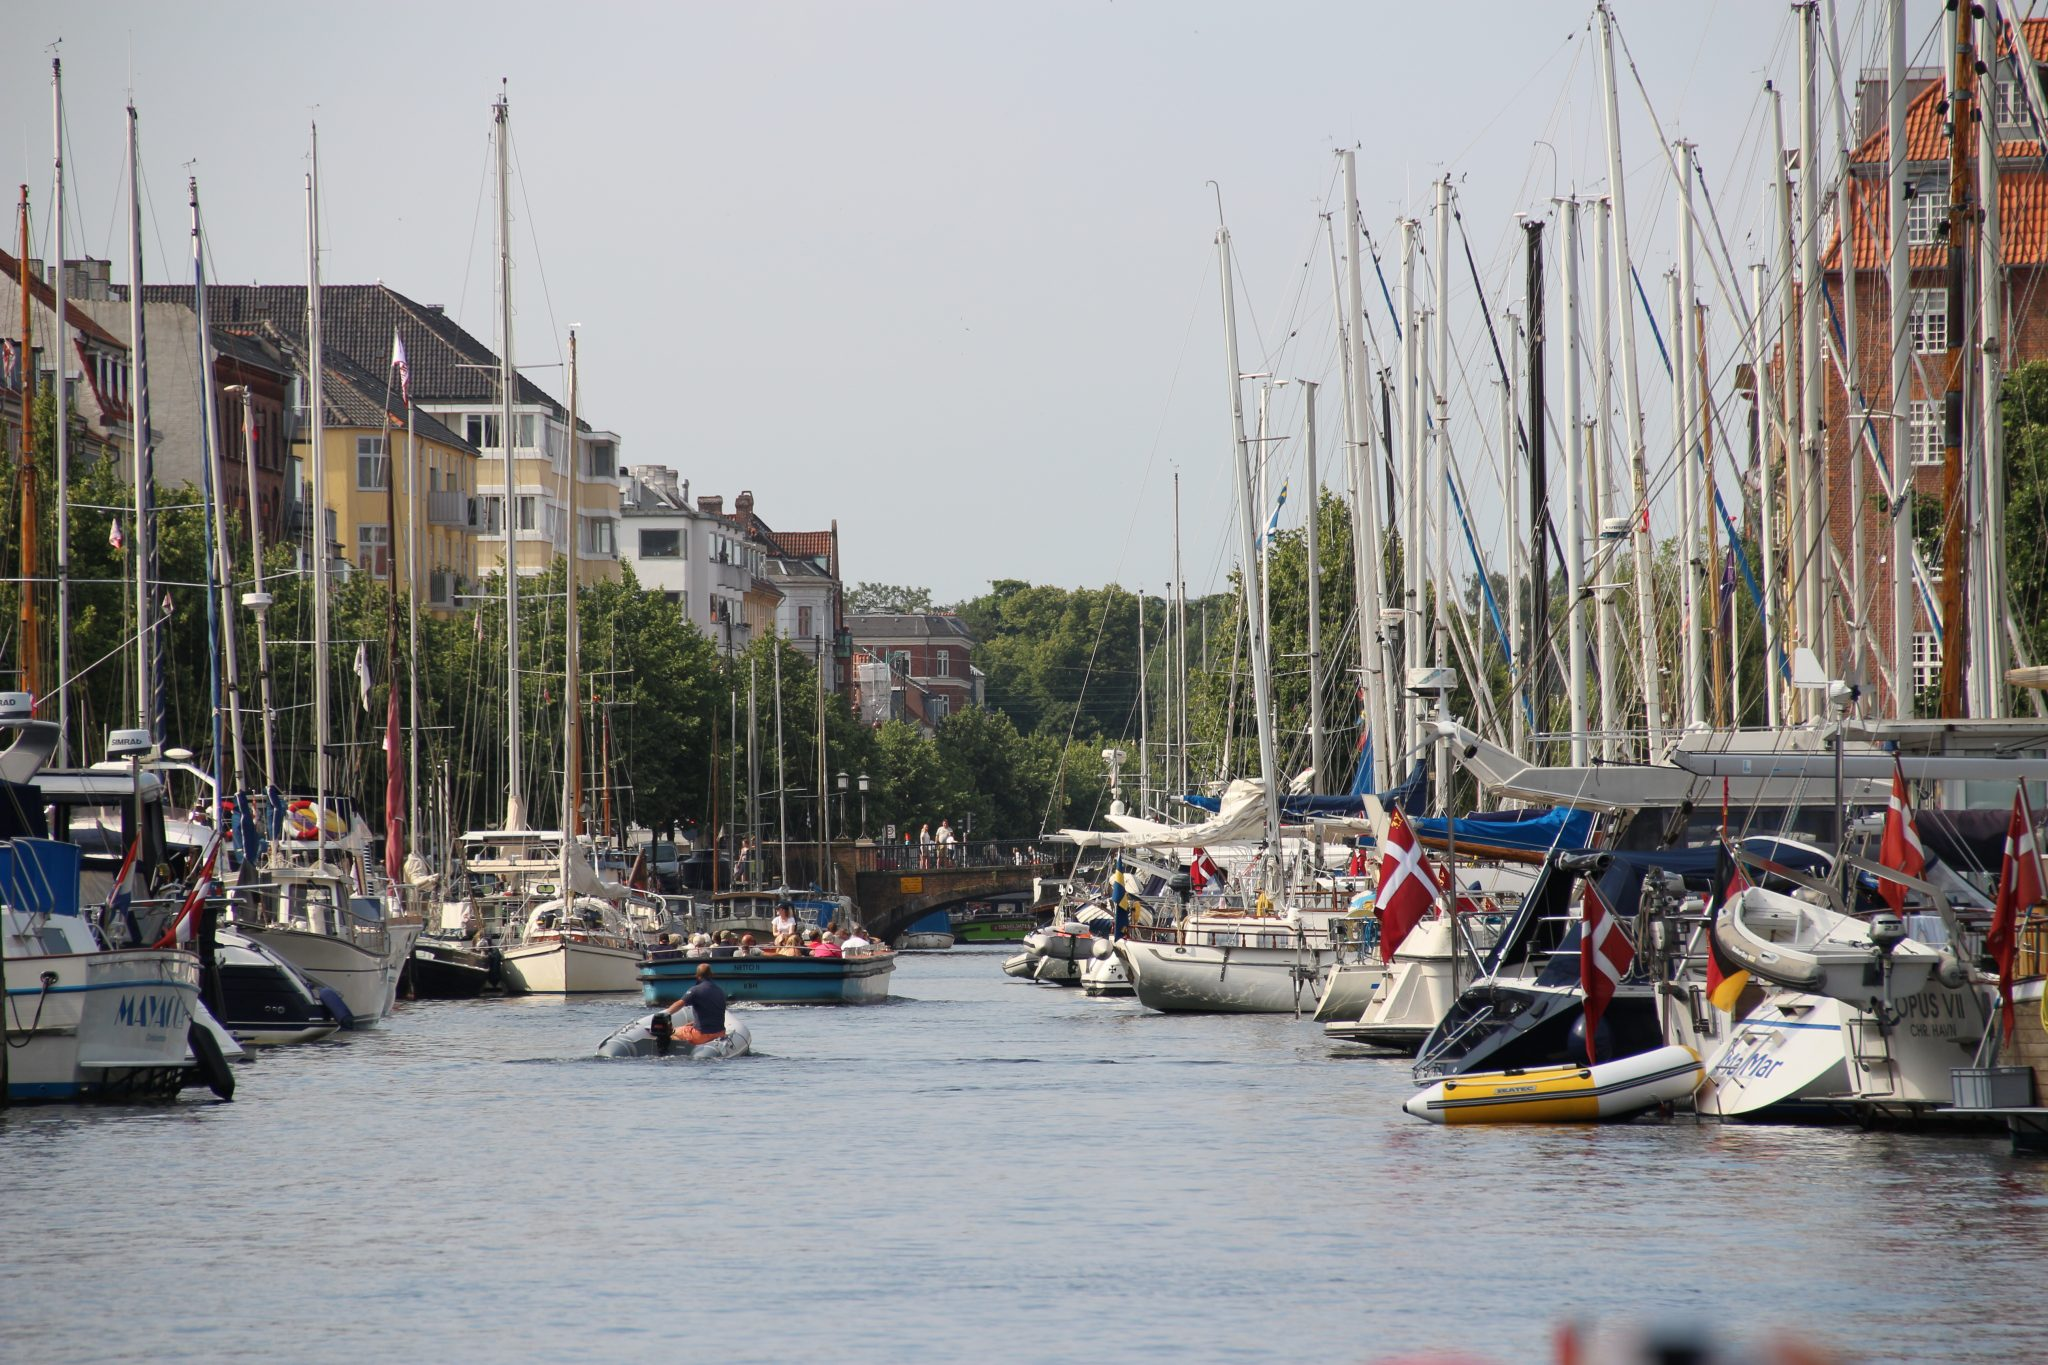 Canals of Copenhagen, Denmark